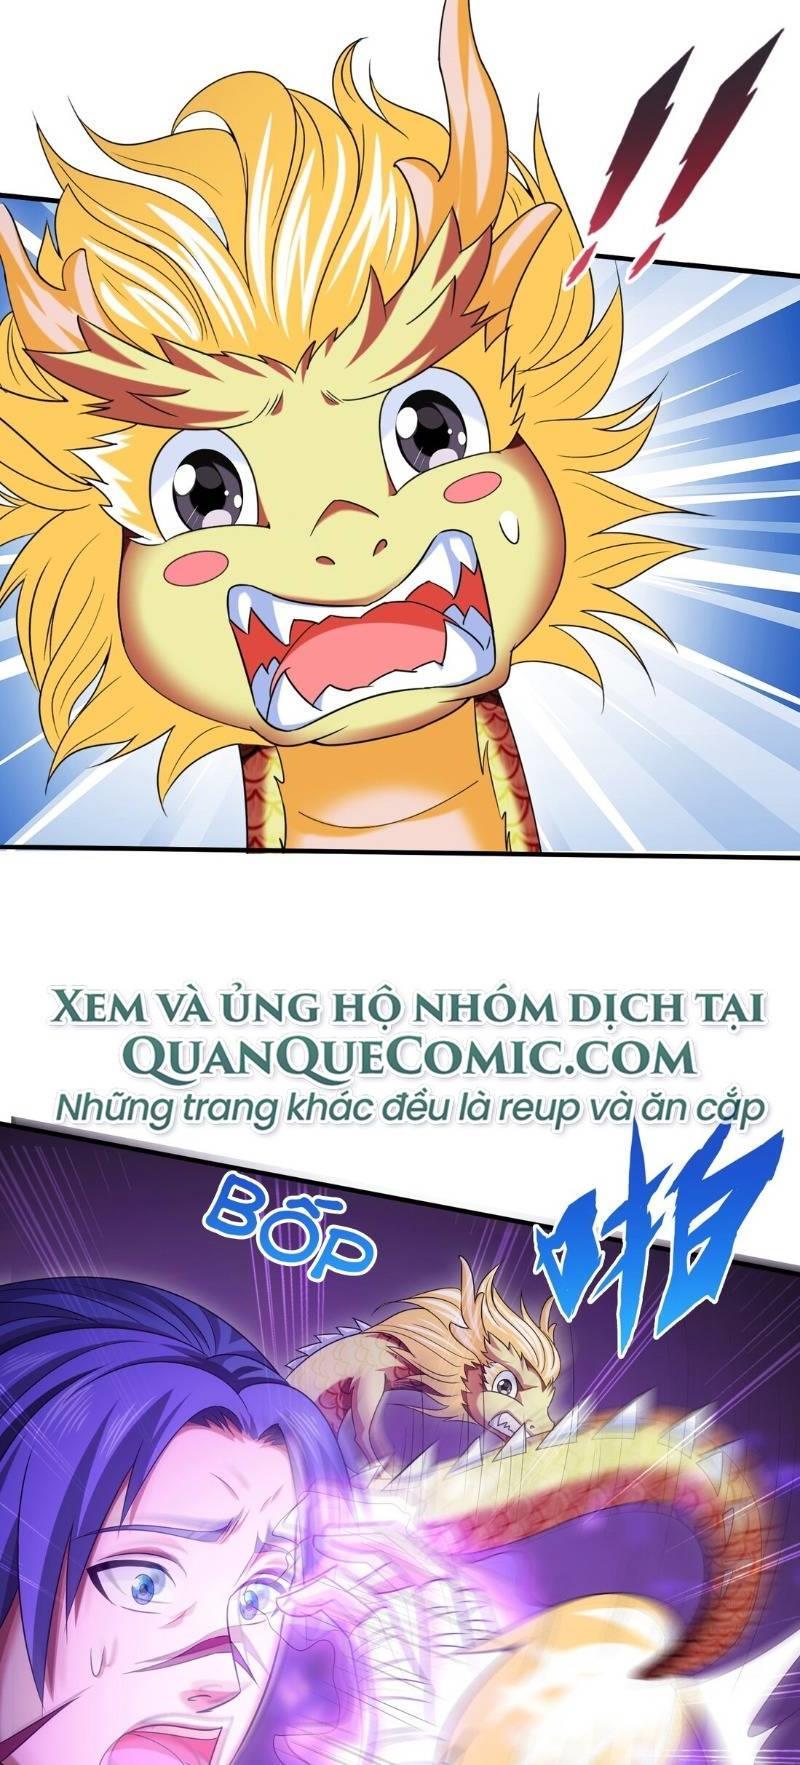 Ma Thú Kiếm Thánh Dị Giới Tung Hoành chap 69 - Trang 5